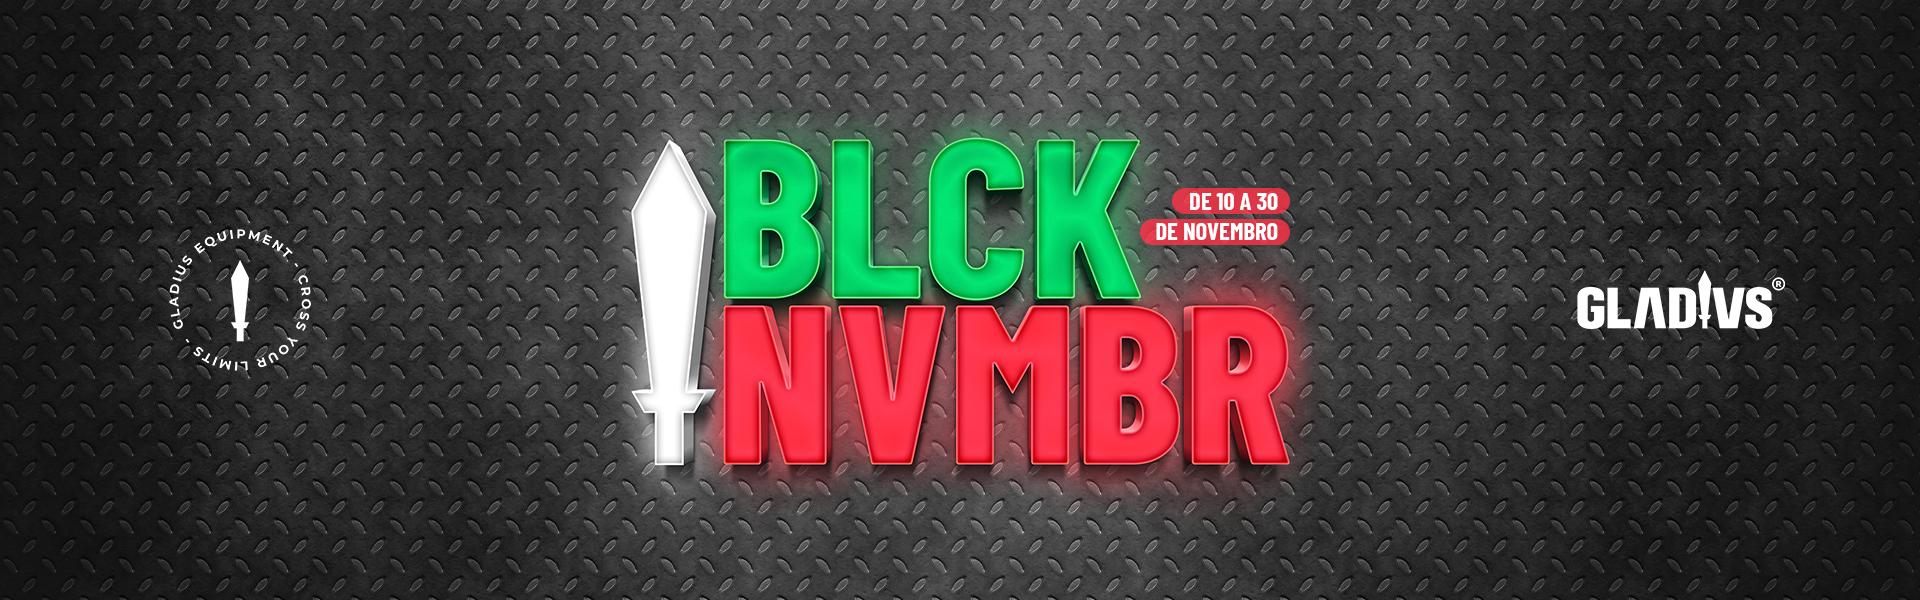 Banners Blck Nvmbr